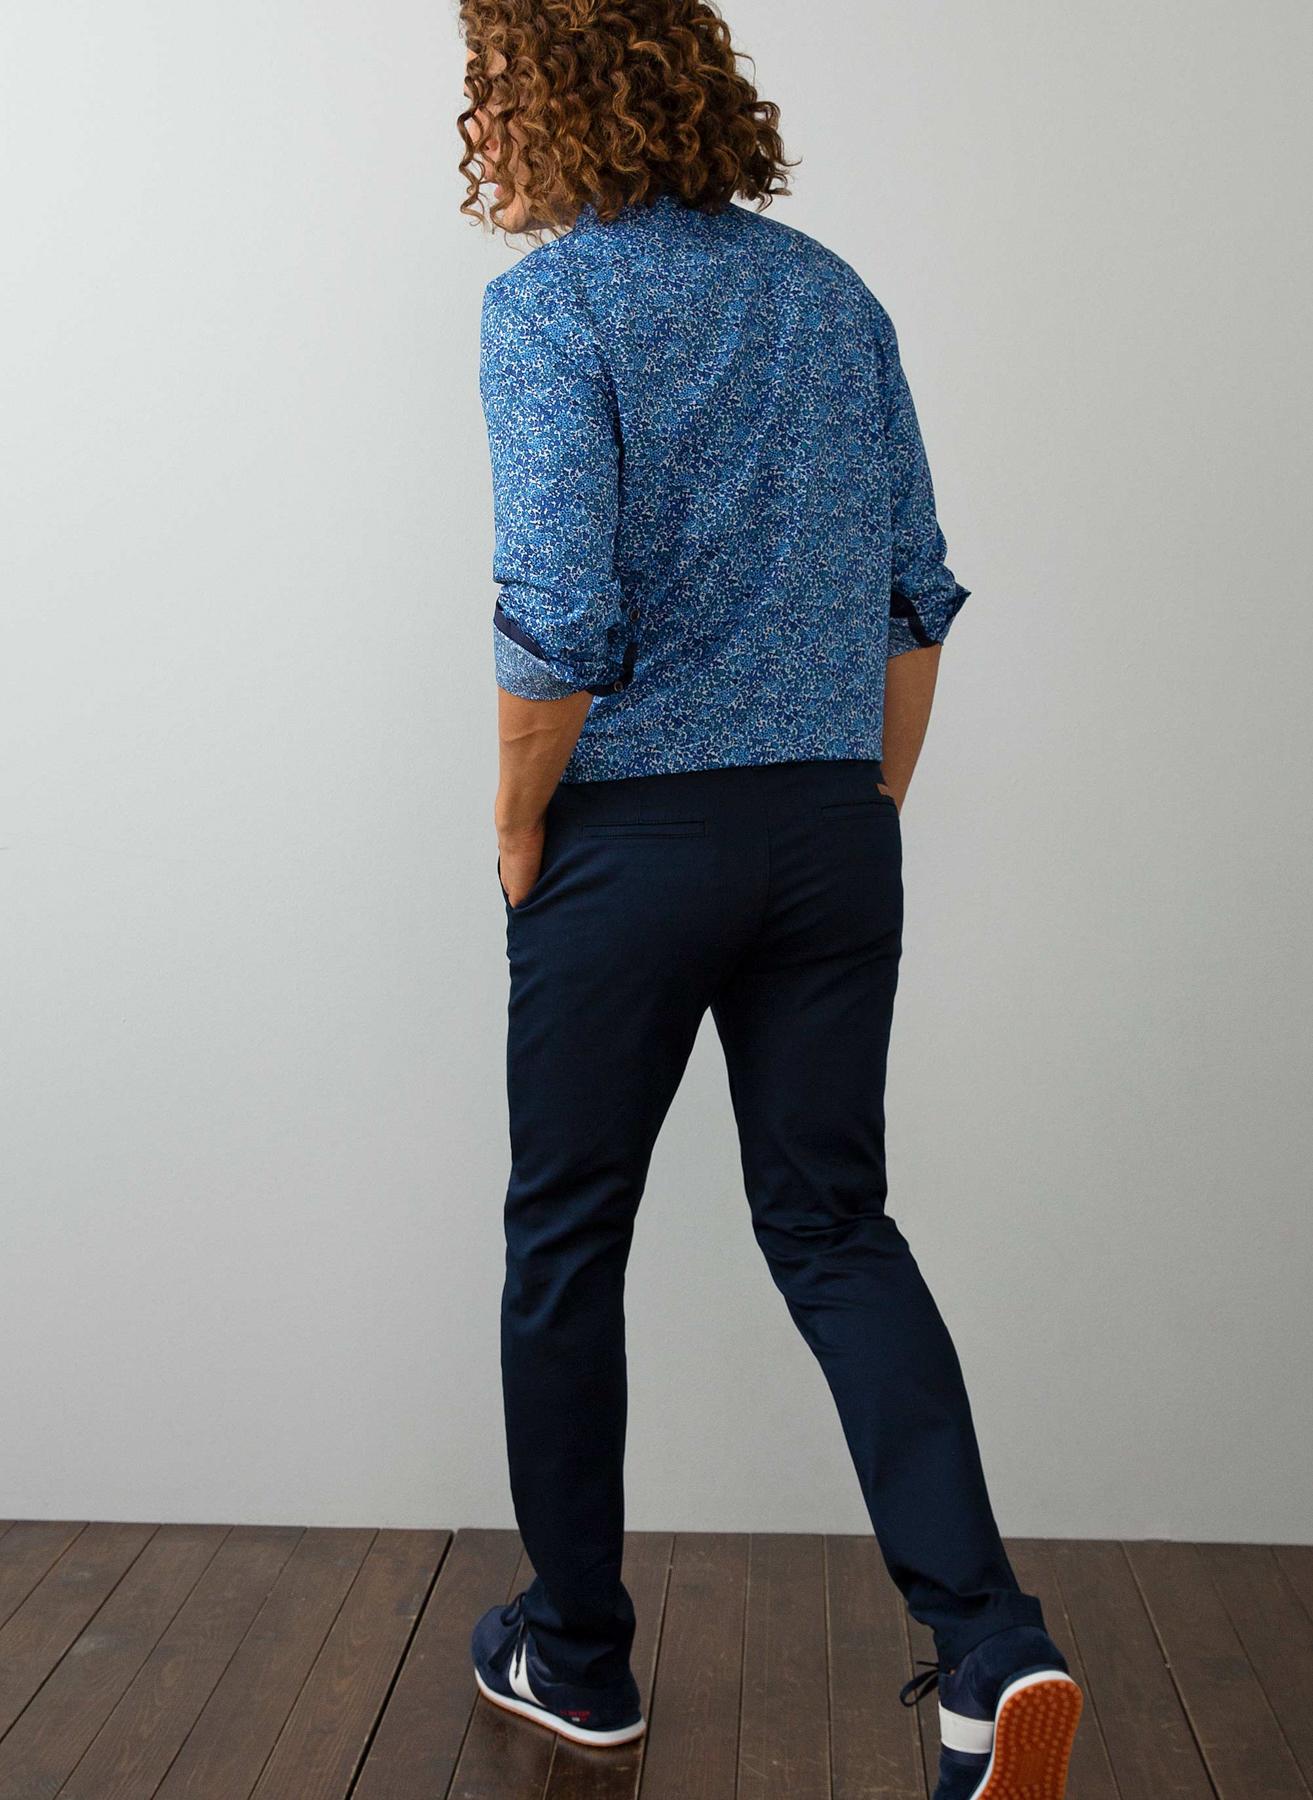 U.S. Polo Assn. Klasik Pantolon 28 5001704775007 Ürün Resmi